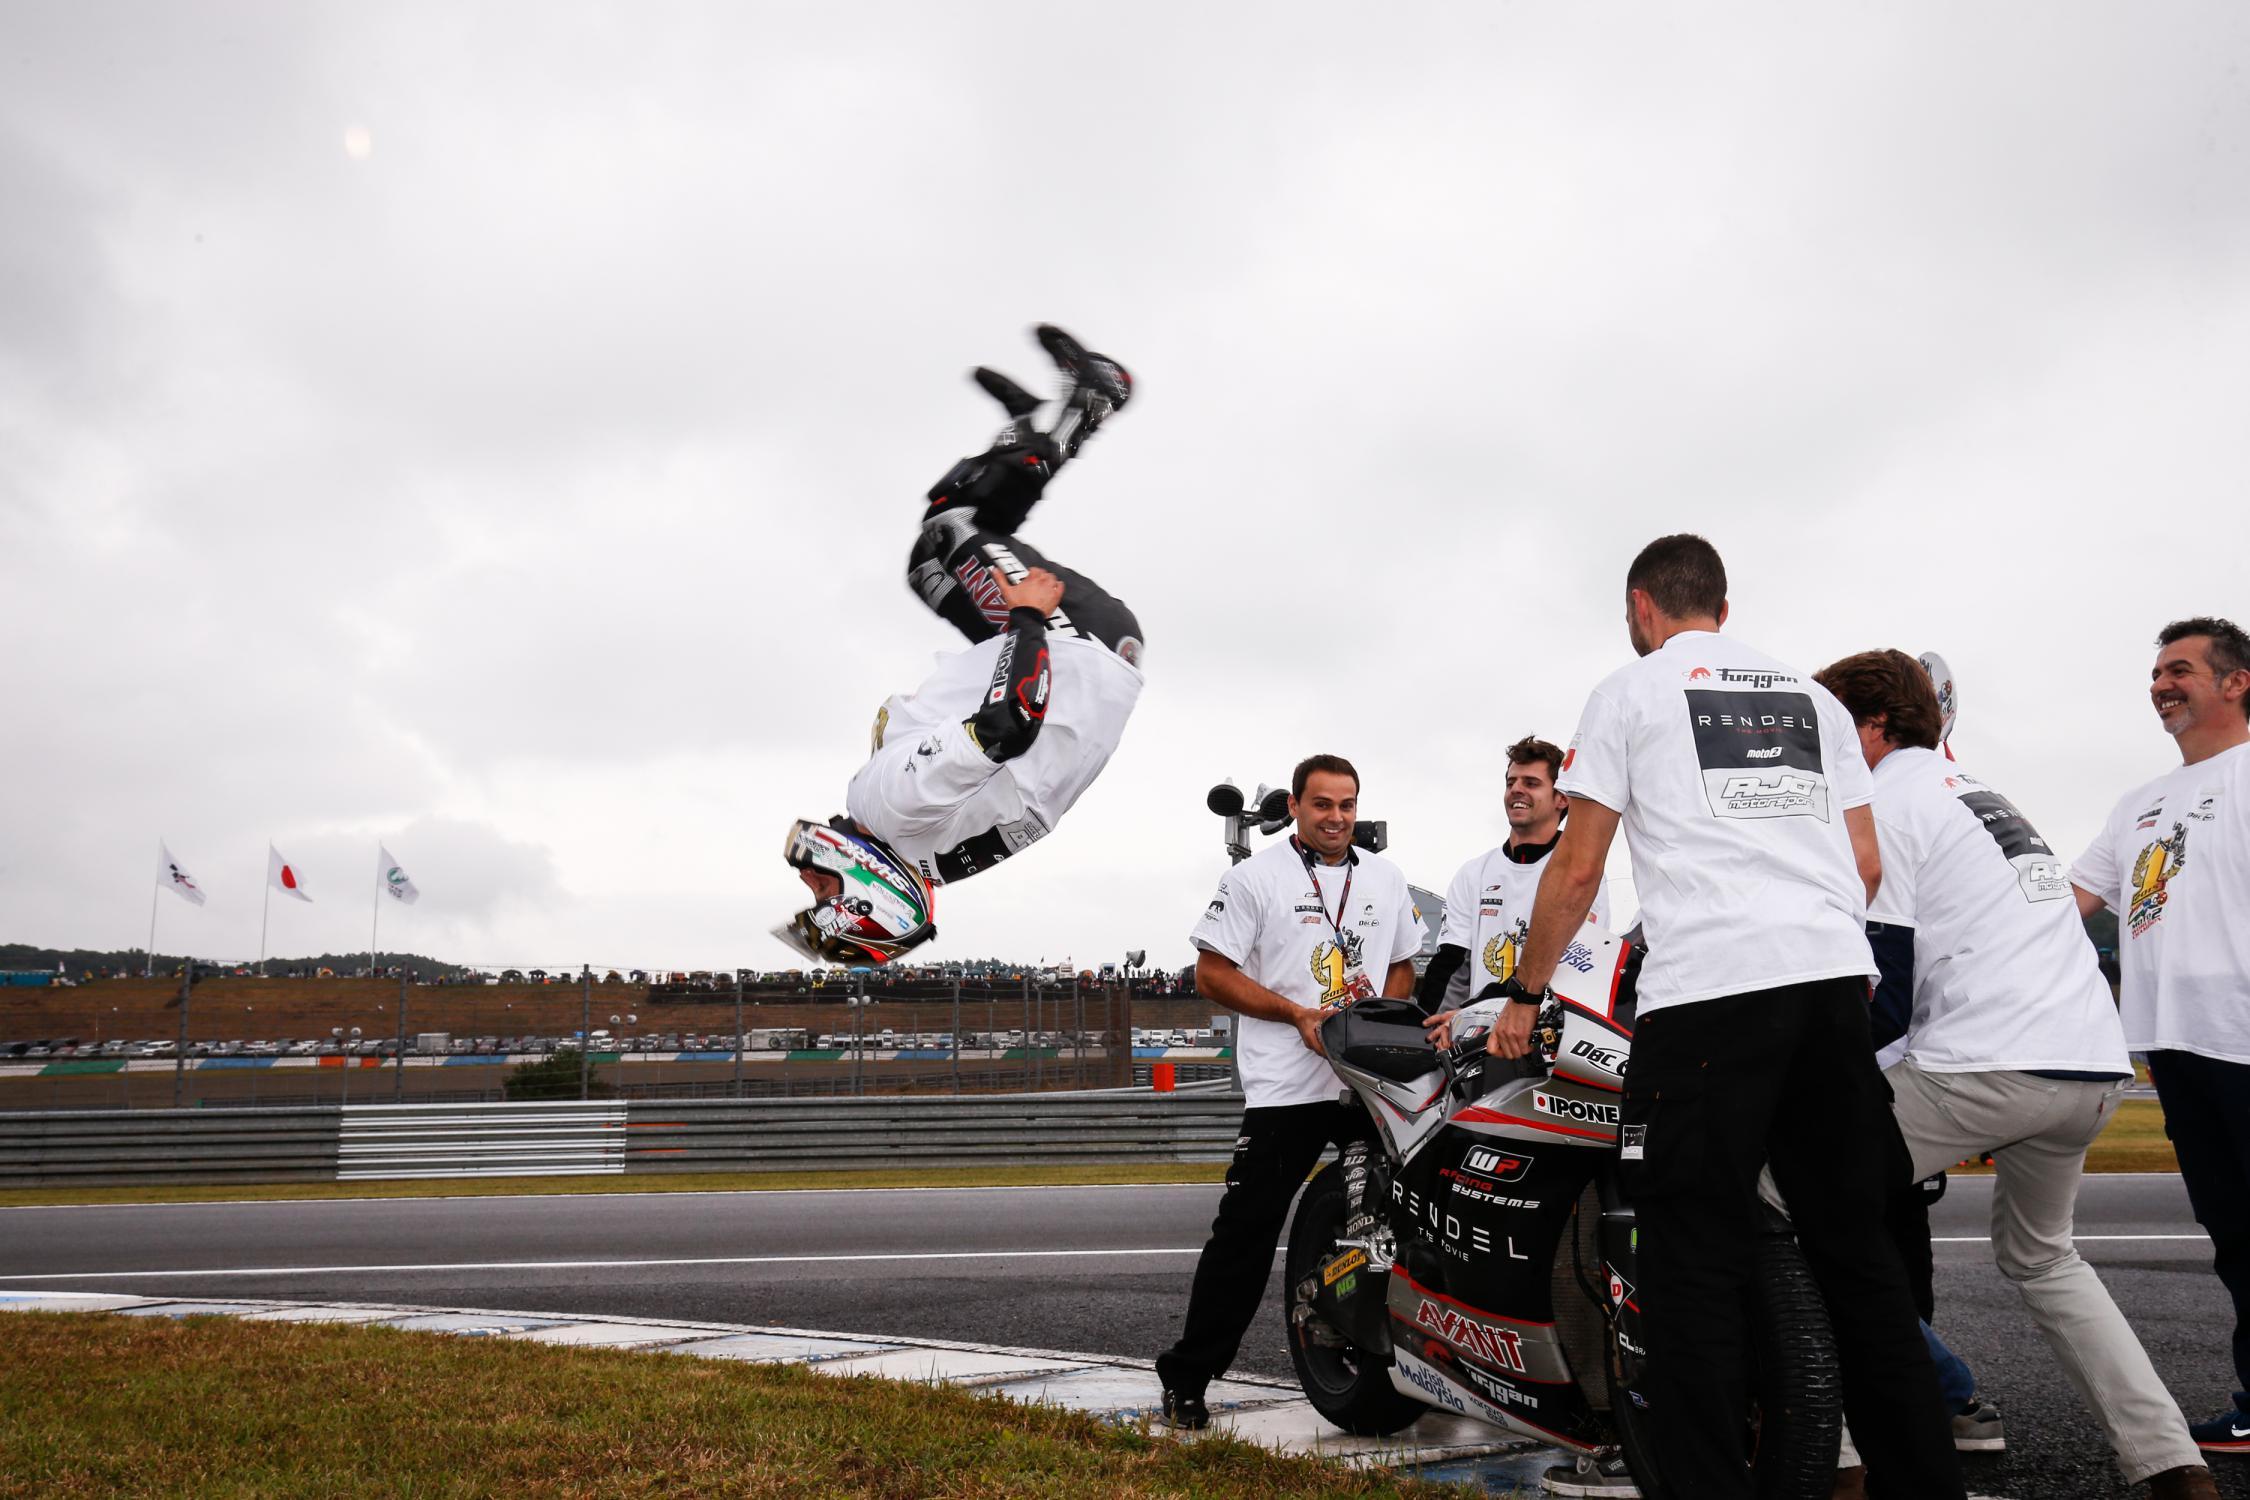 Moto2 Champion Johann Zarco Rumored to Ride with Suzuki in MotoGP Next Year - autoevolution